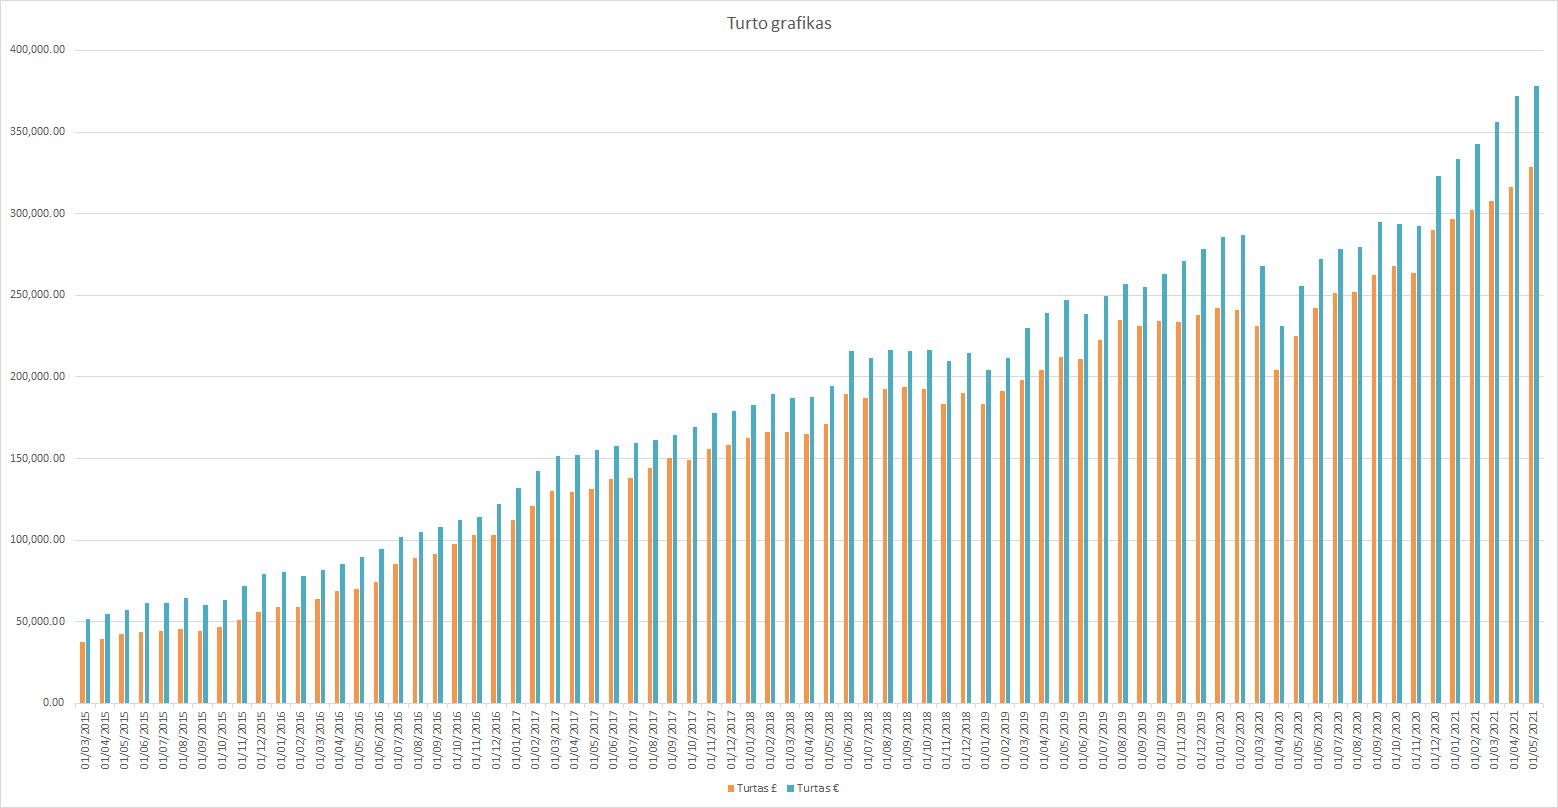 Turto grafikas 2021-05-01